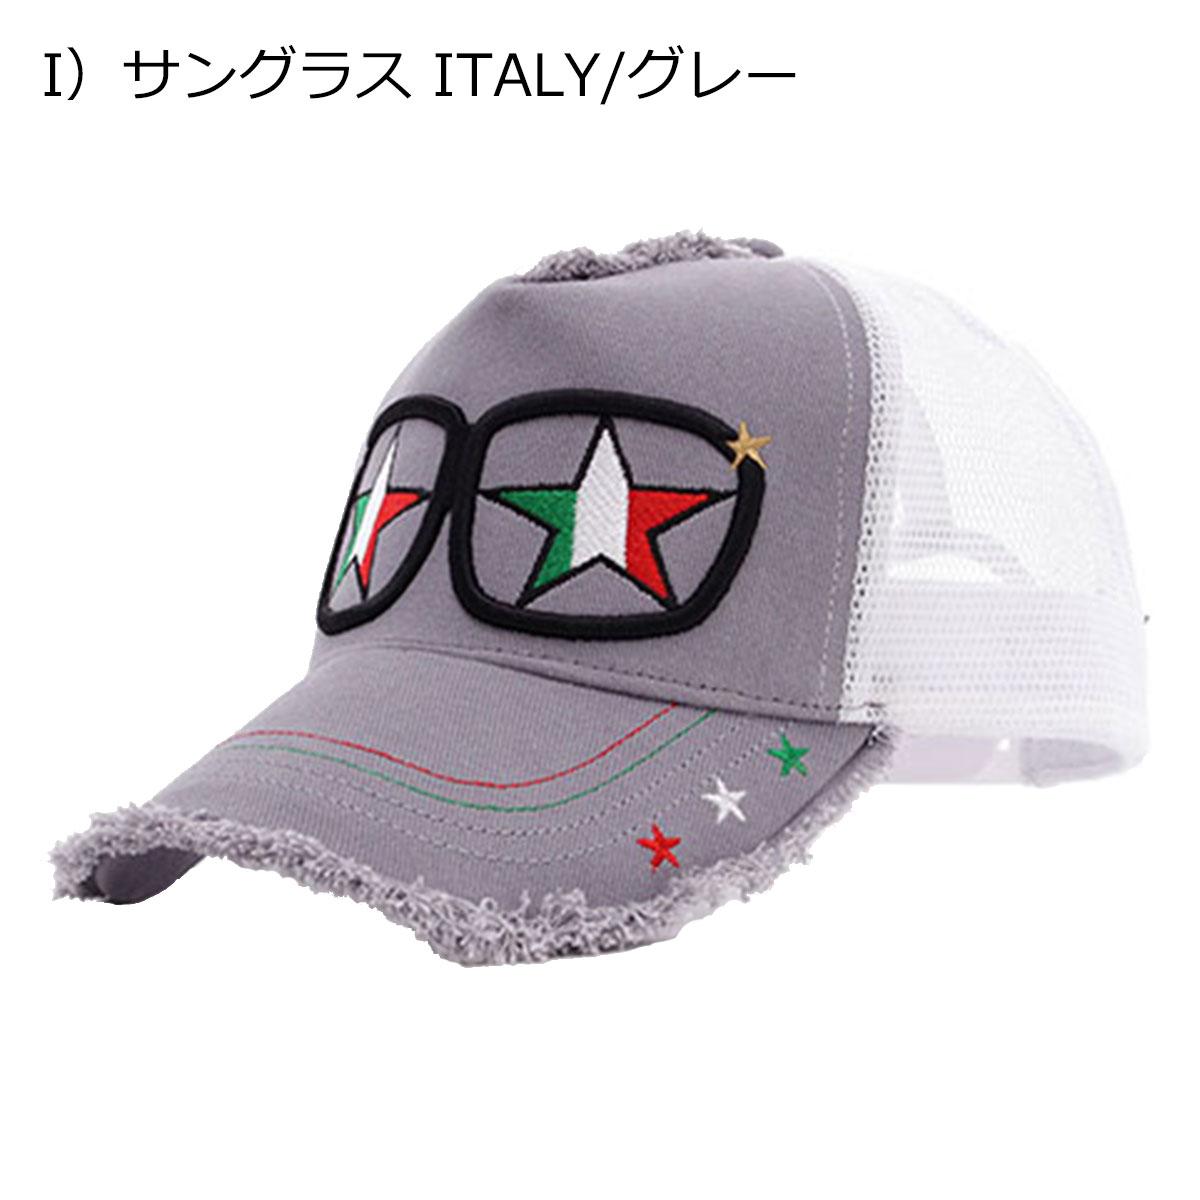 I)サングラス ITALY/グレー